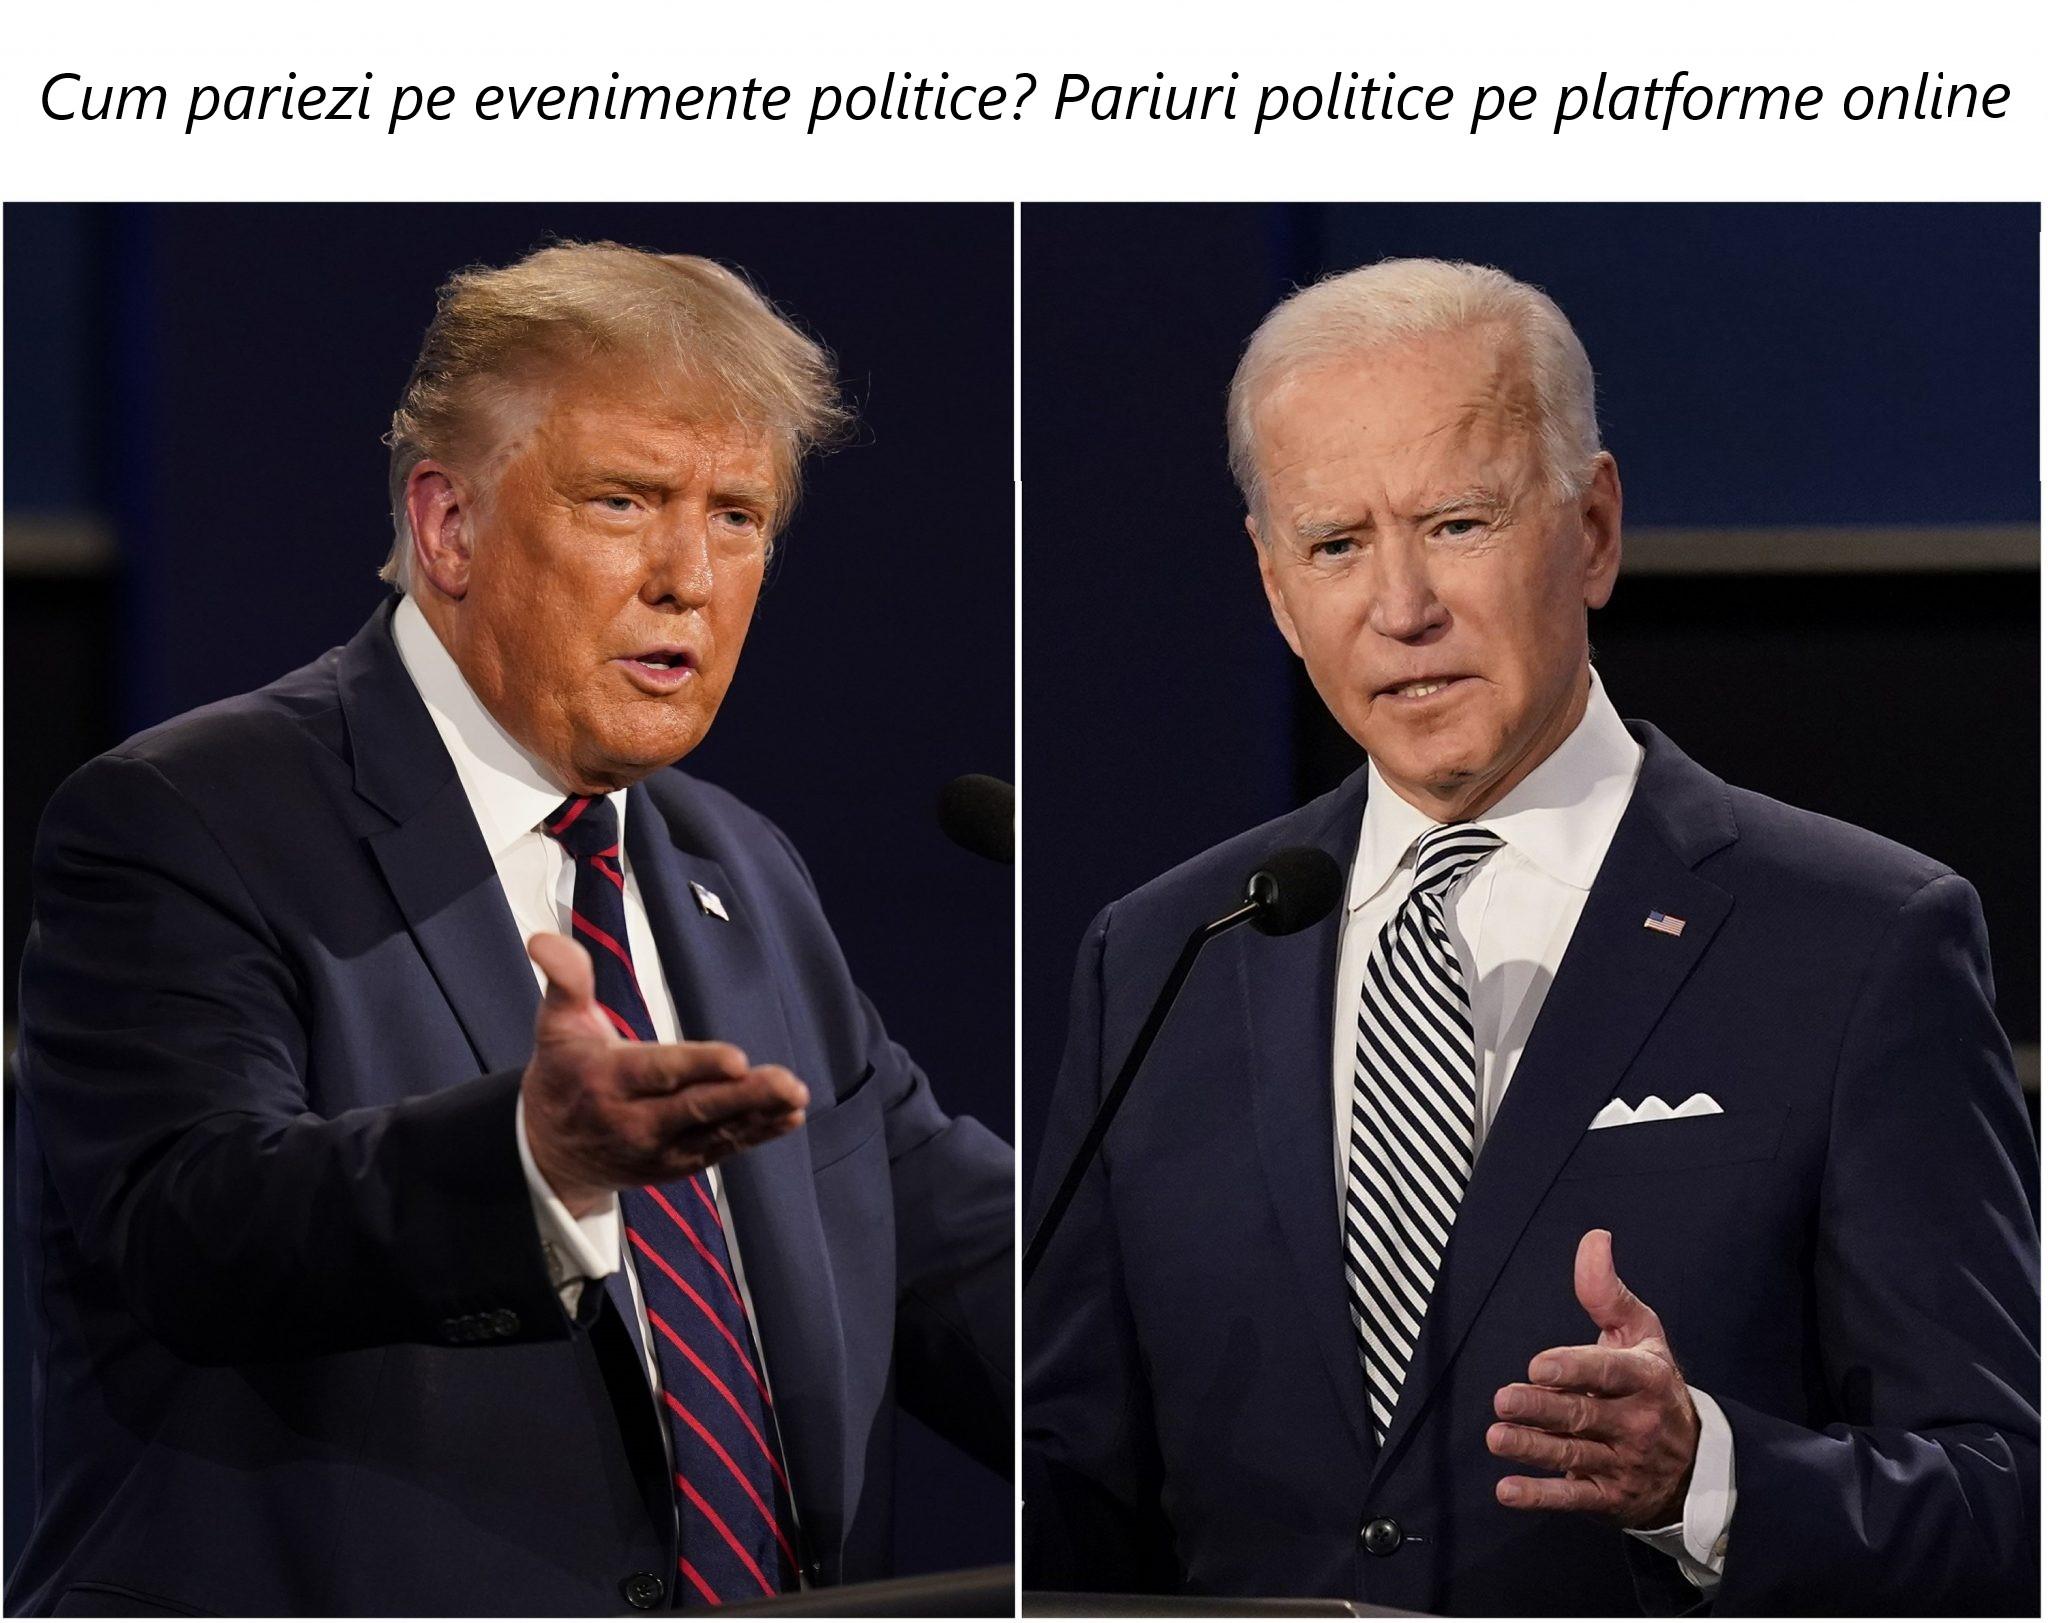 Pariuri politice